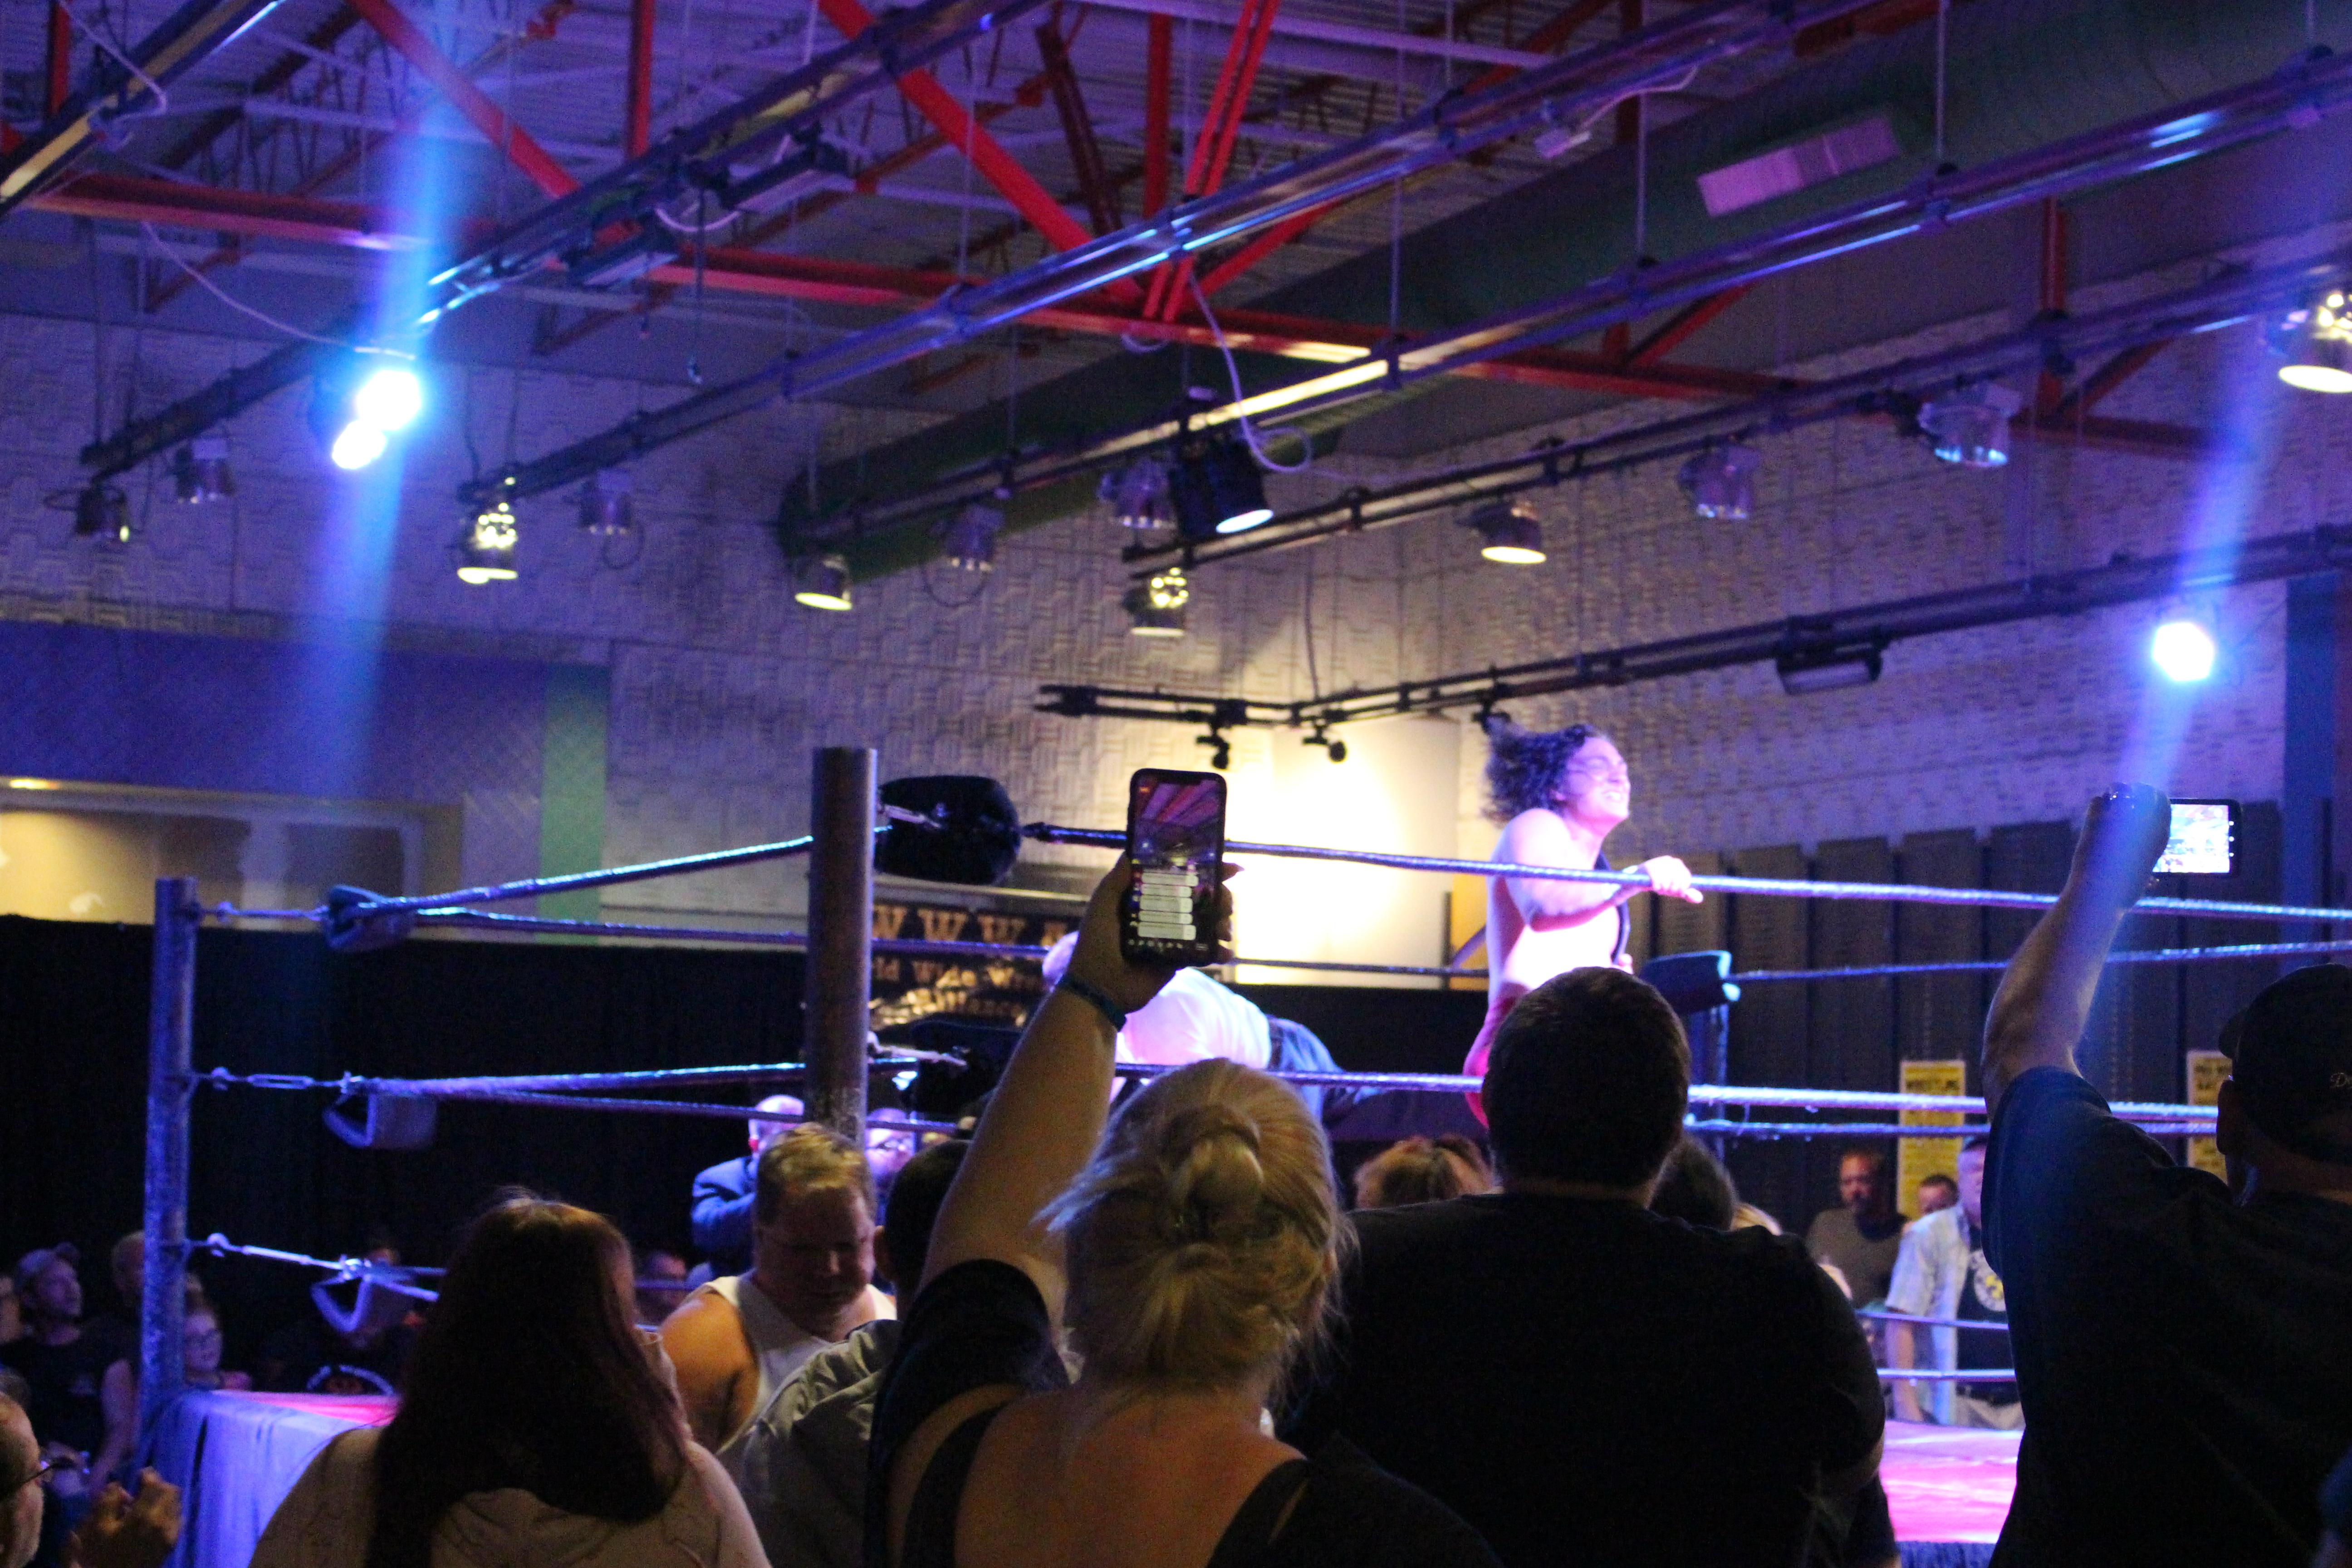 Ryan Clancy wins WWWA Extreme Title